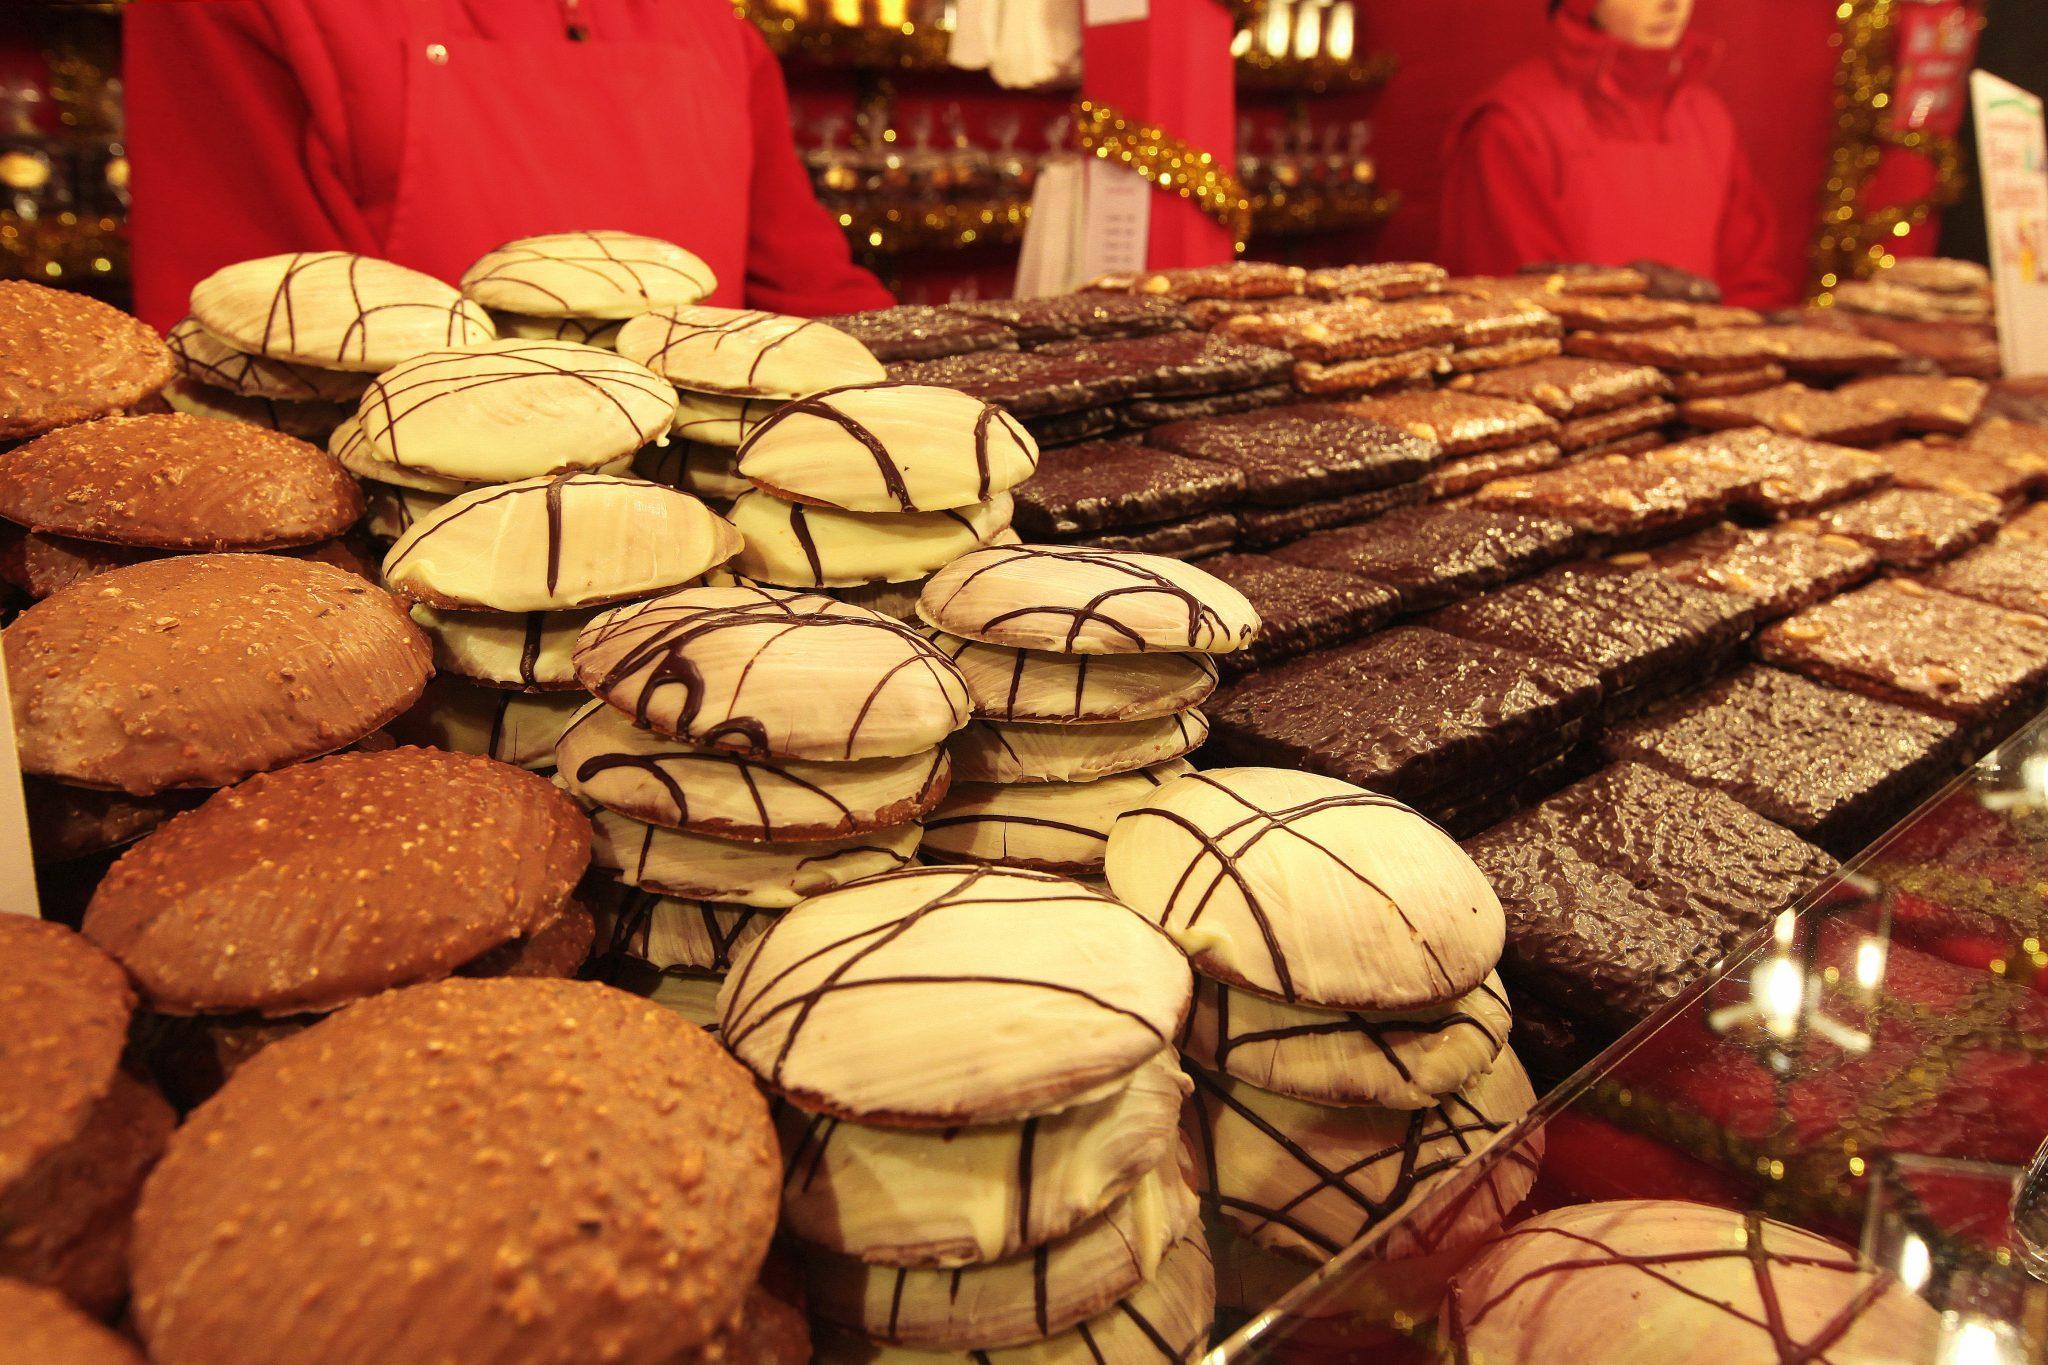 Lebkuchen - Gingerbread